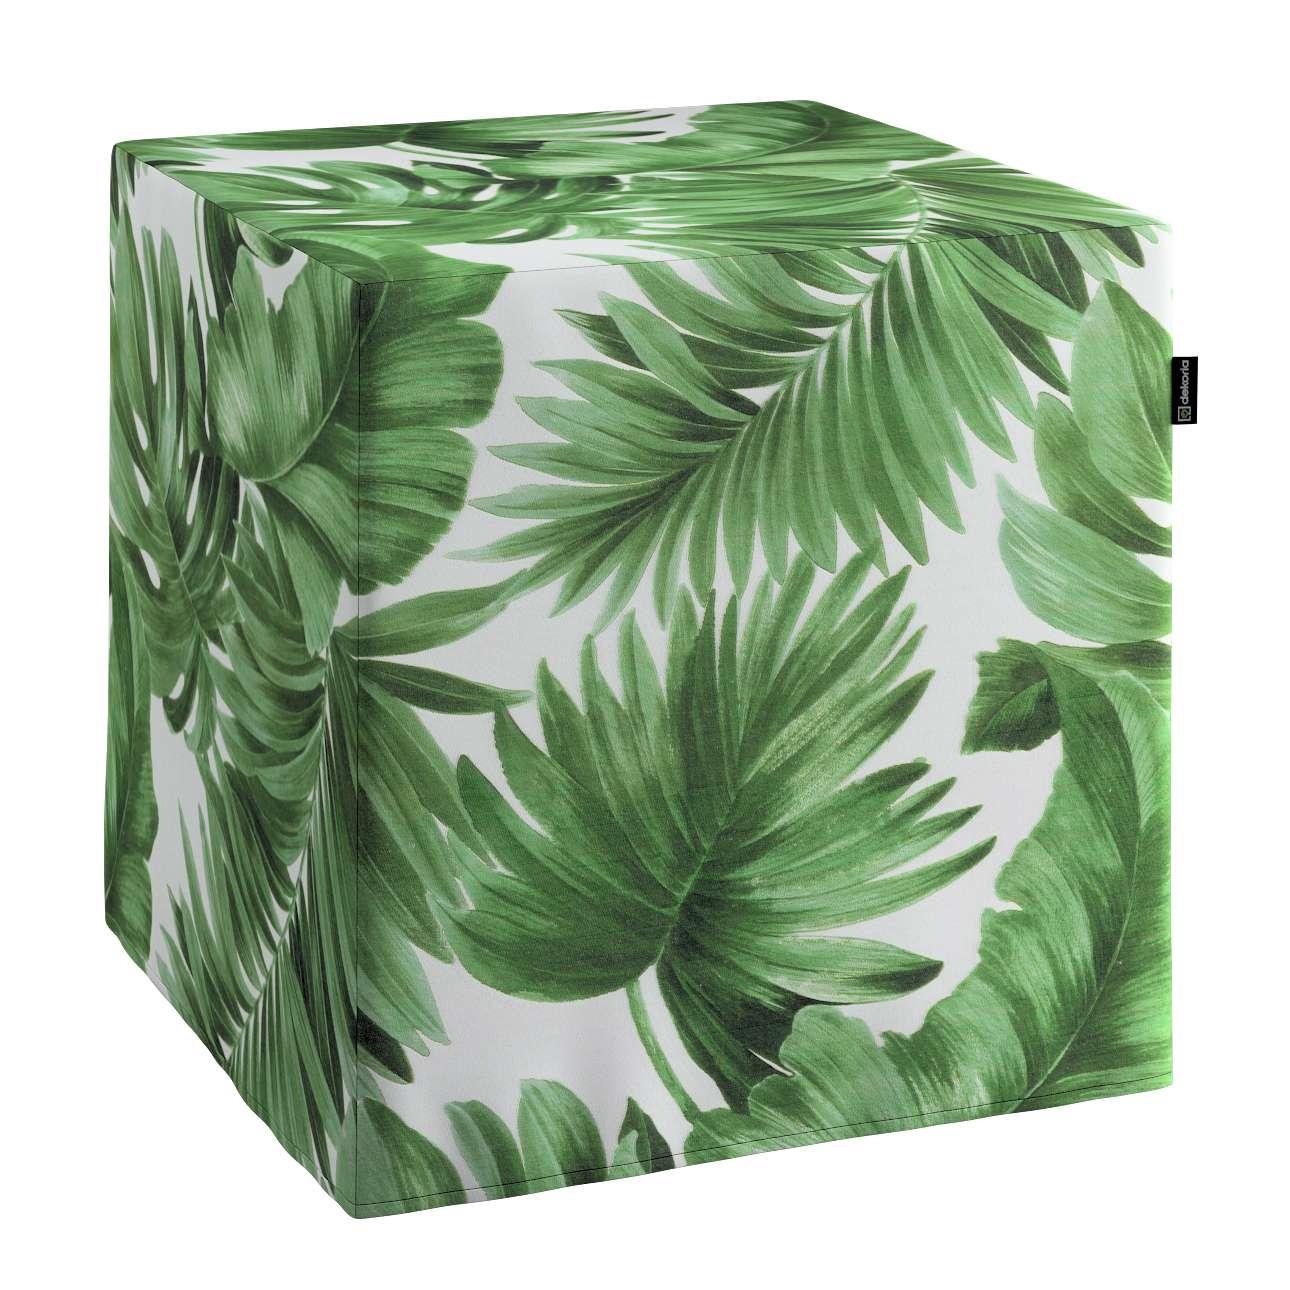 Pokrowiec na pufę kostke kostka 40x40x40 cm w kolekcji Urban Jungle, tkanina: 141-71